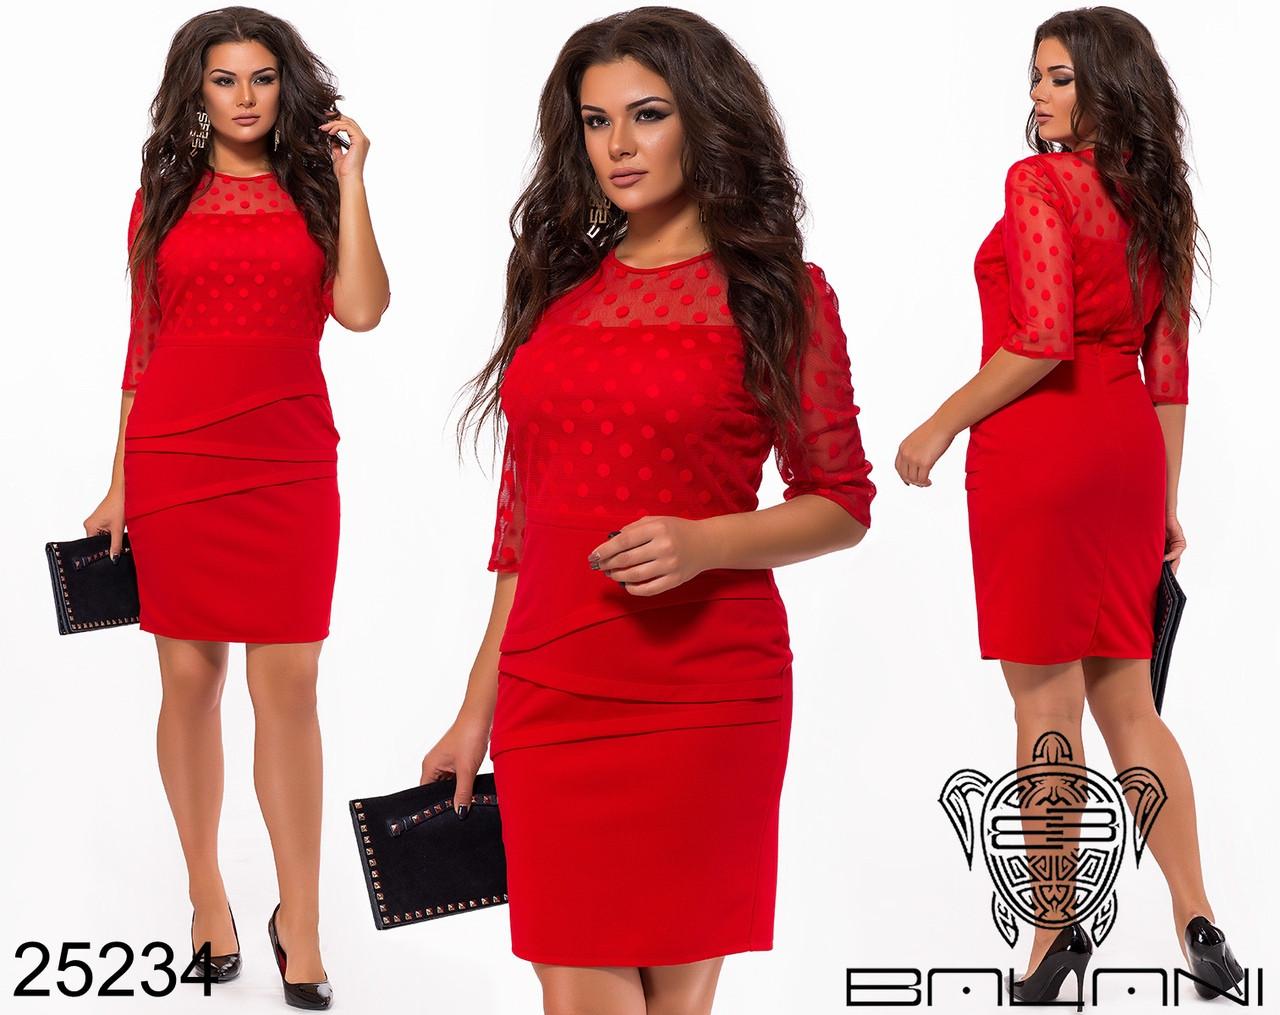 f0641b453ea Красивое однотонное платье сетка горох Производитель ТМ Balani размер  48